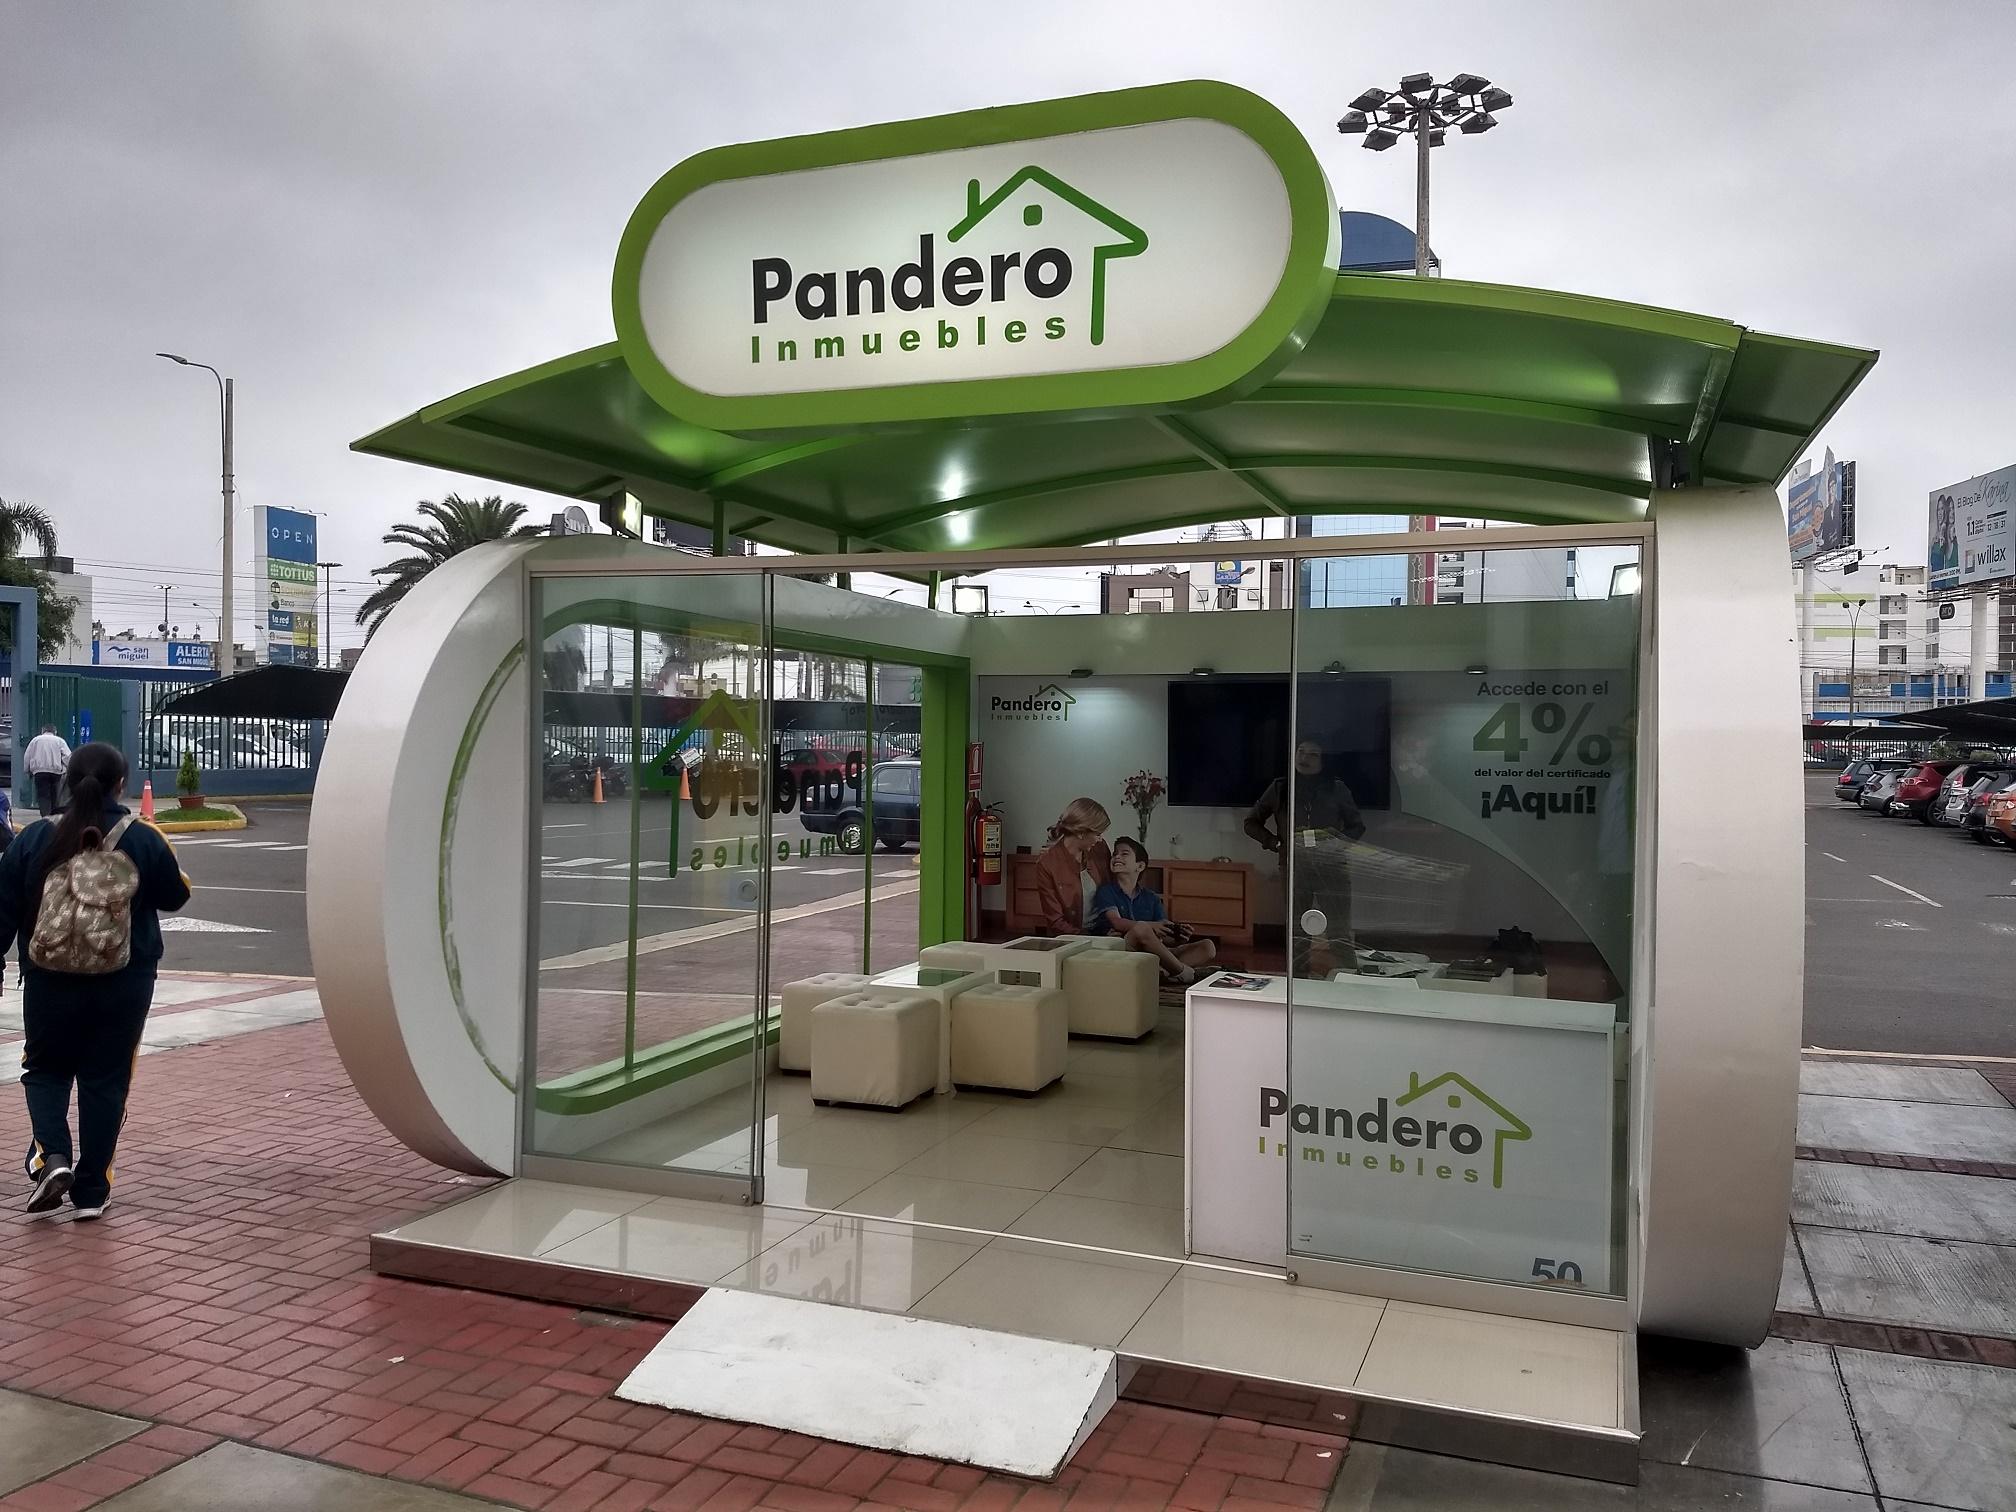 Al cierre del año 2018, Pandero Inmuebles proyecta ventas por 17 millones de dólares